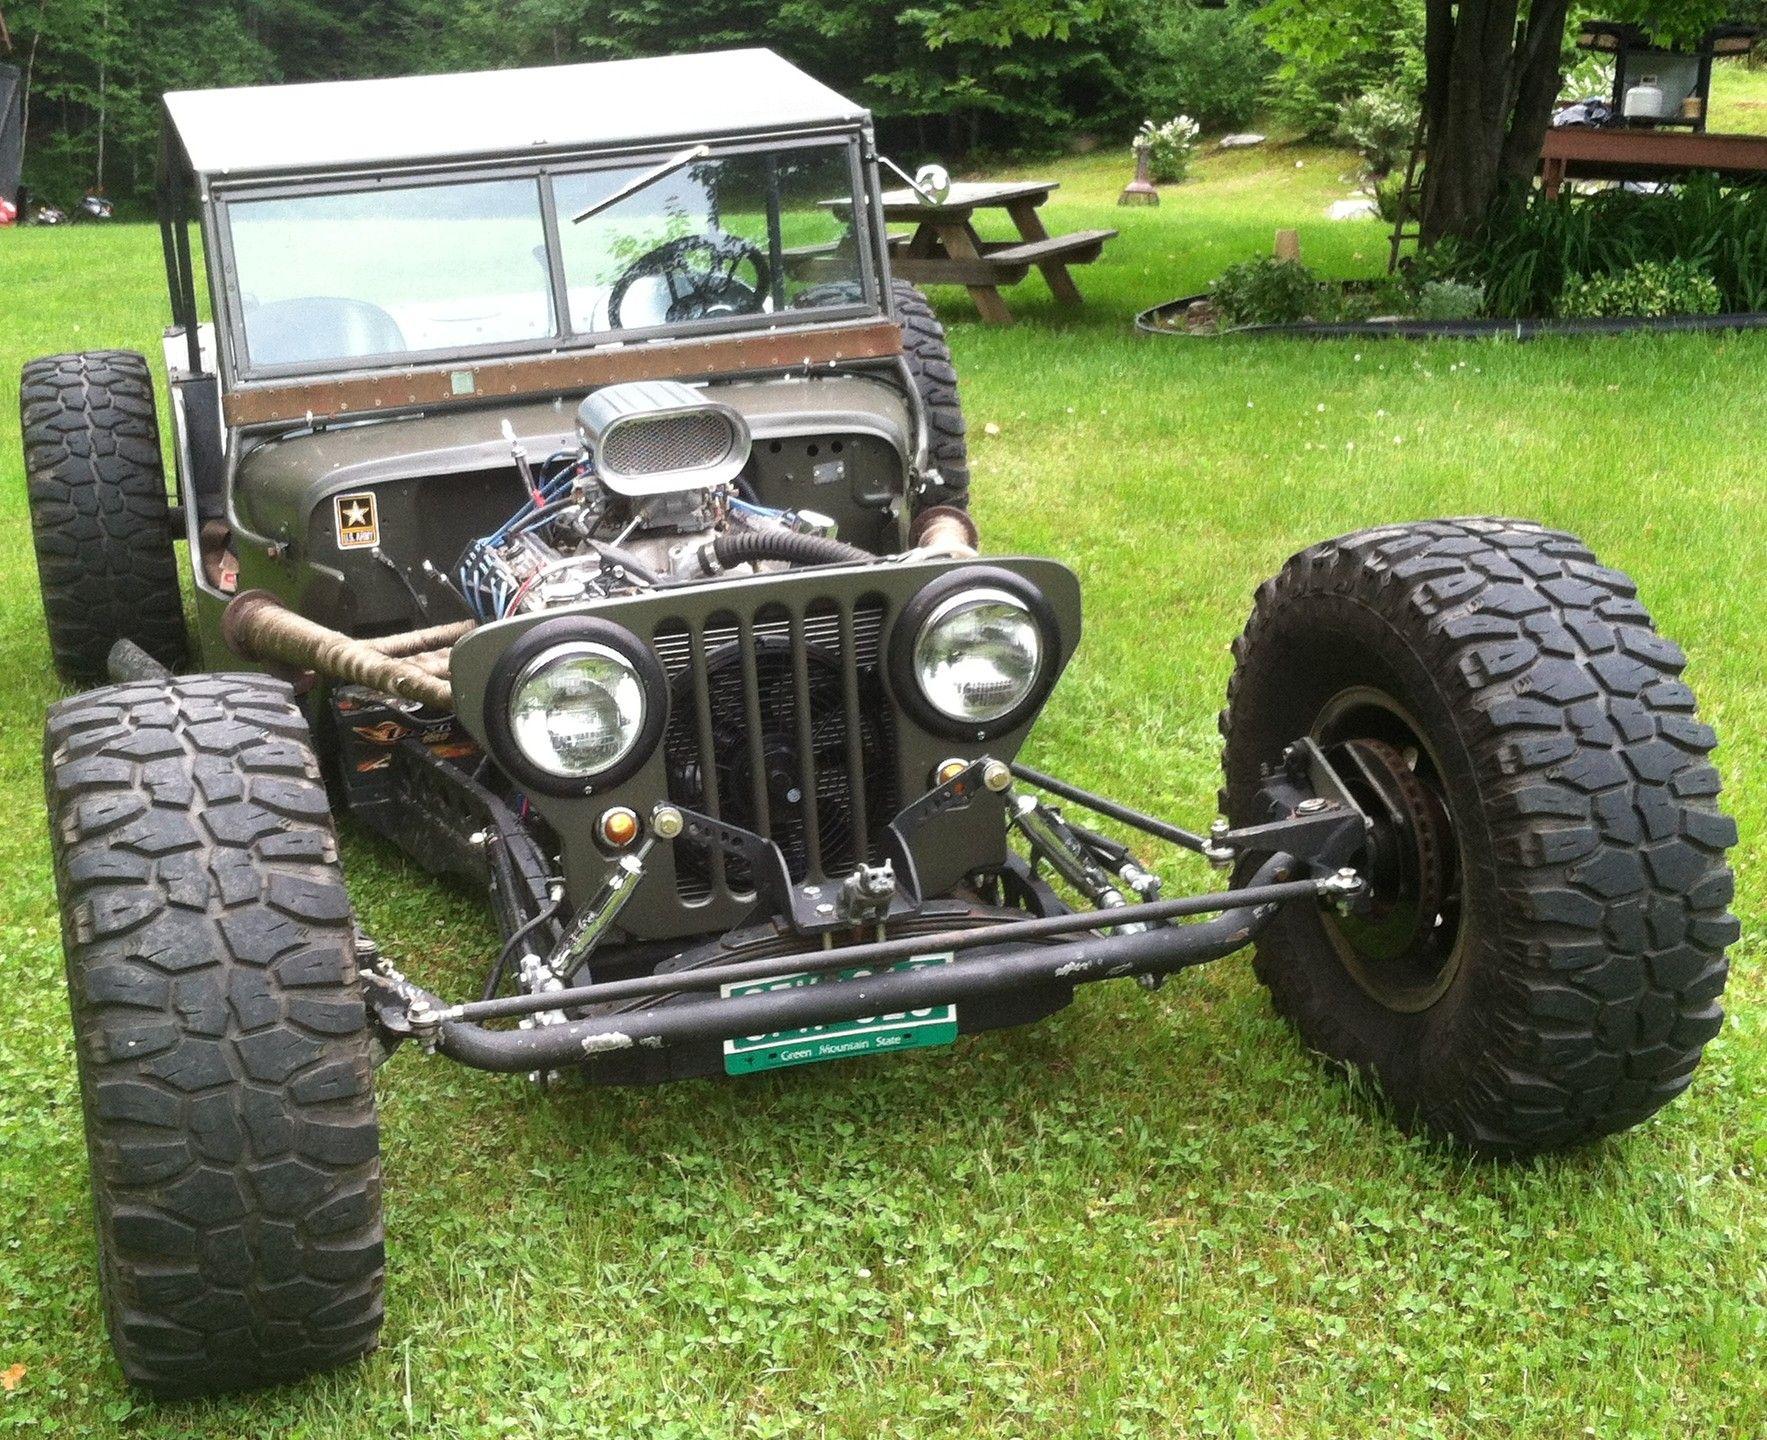 1947 willys cj2a rat rod ratrod oogahorn willys jeep willysjeep